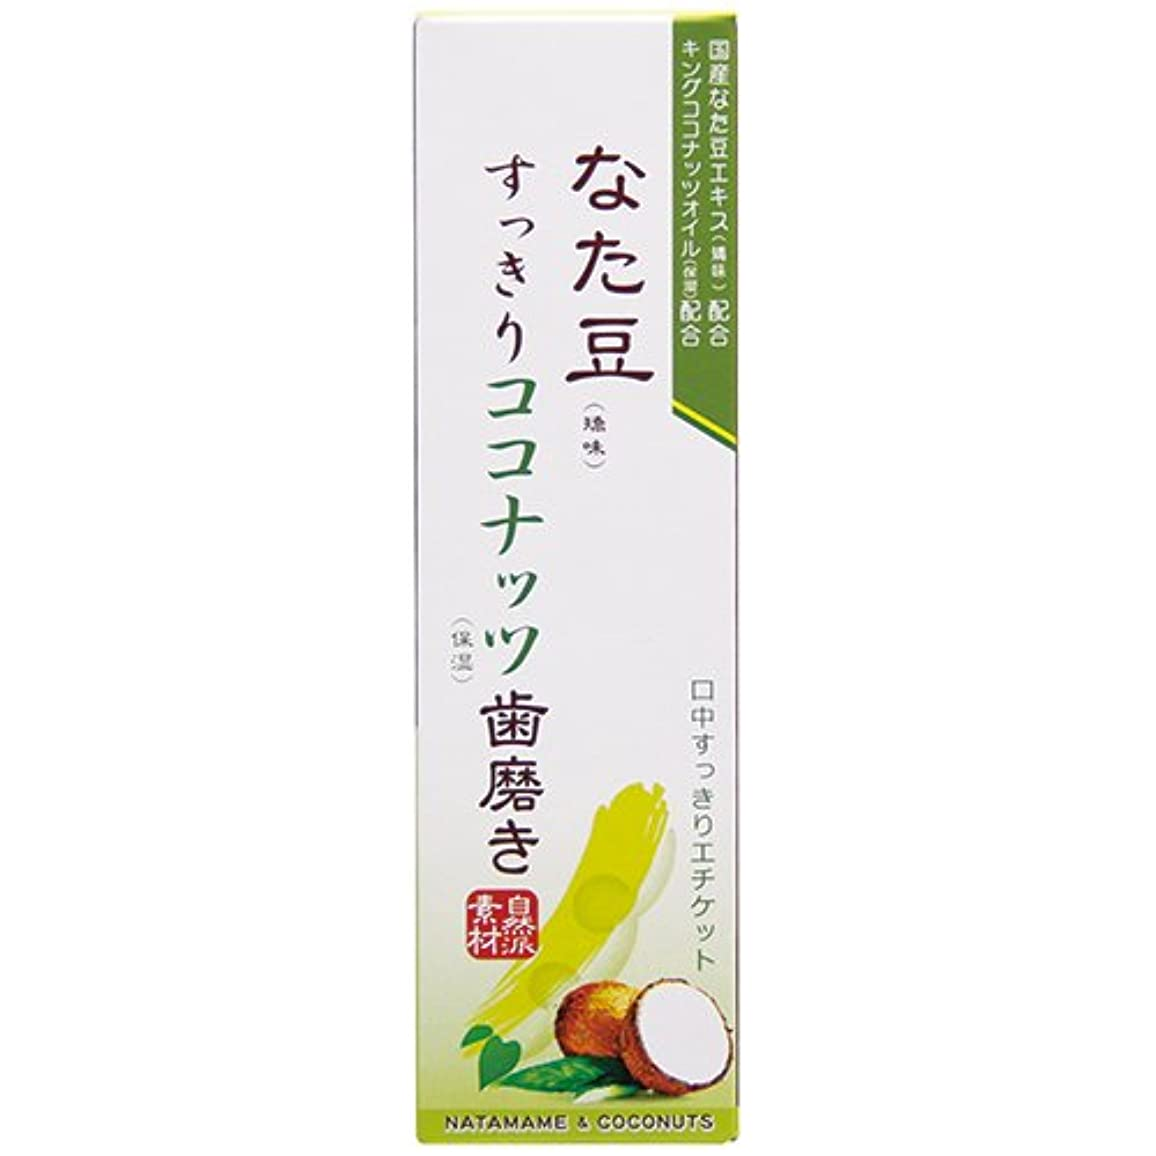 マトリックスレオナルドダ光沢なた豆すっきりココナッツ歯磨き粉 120g